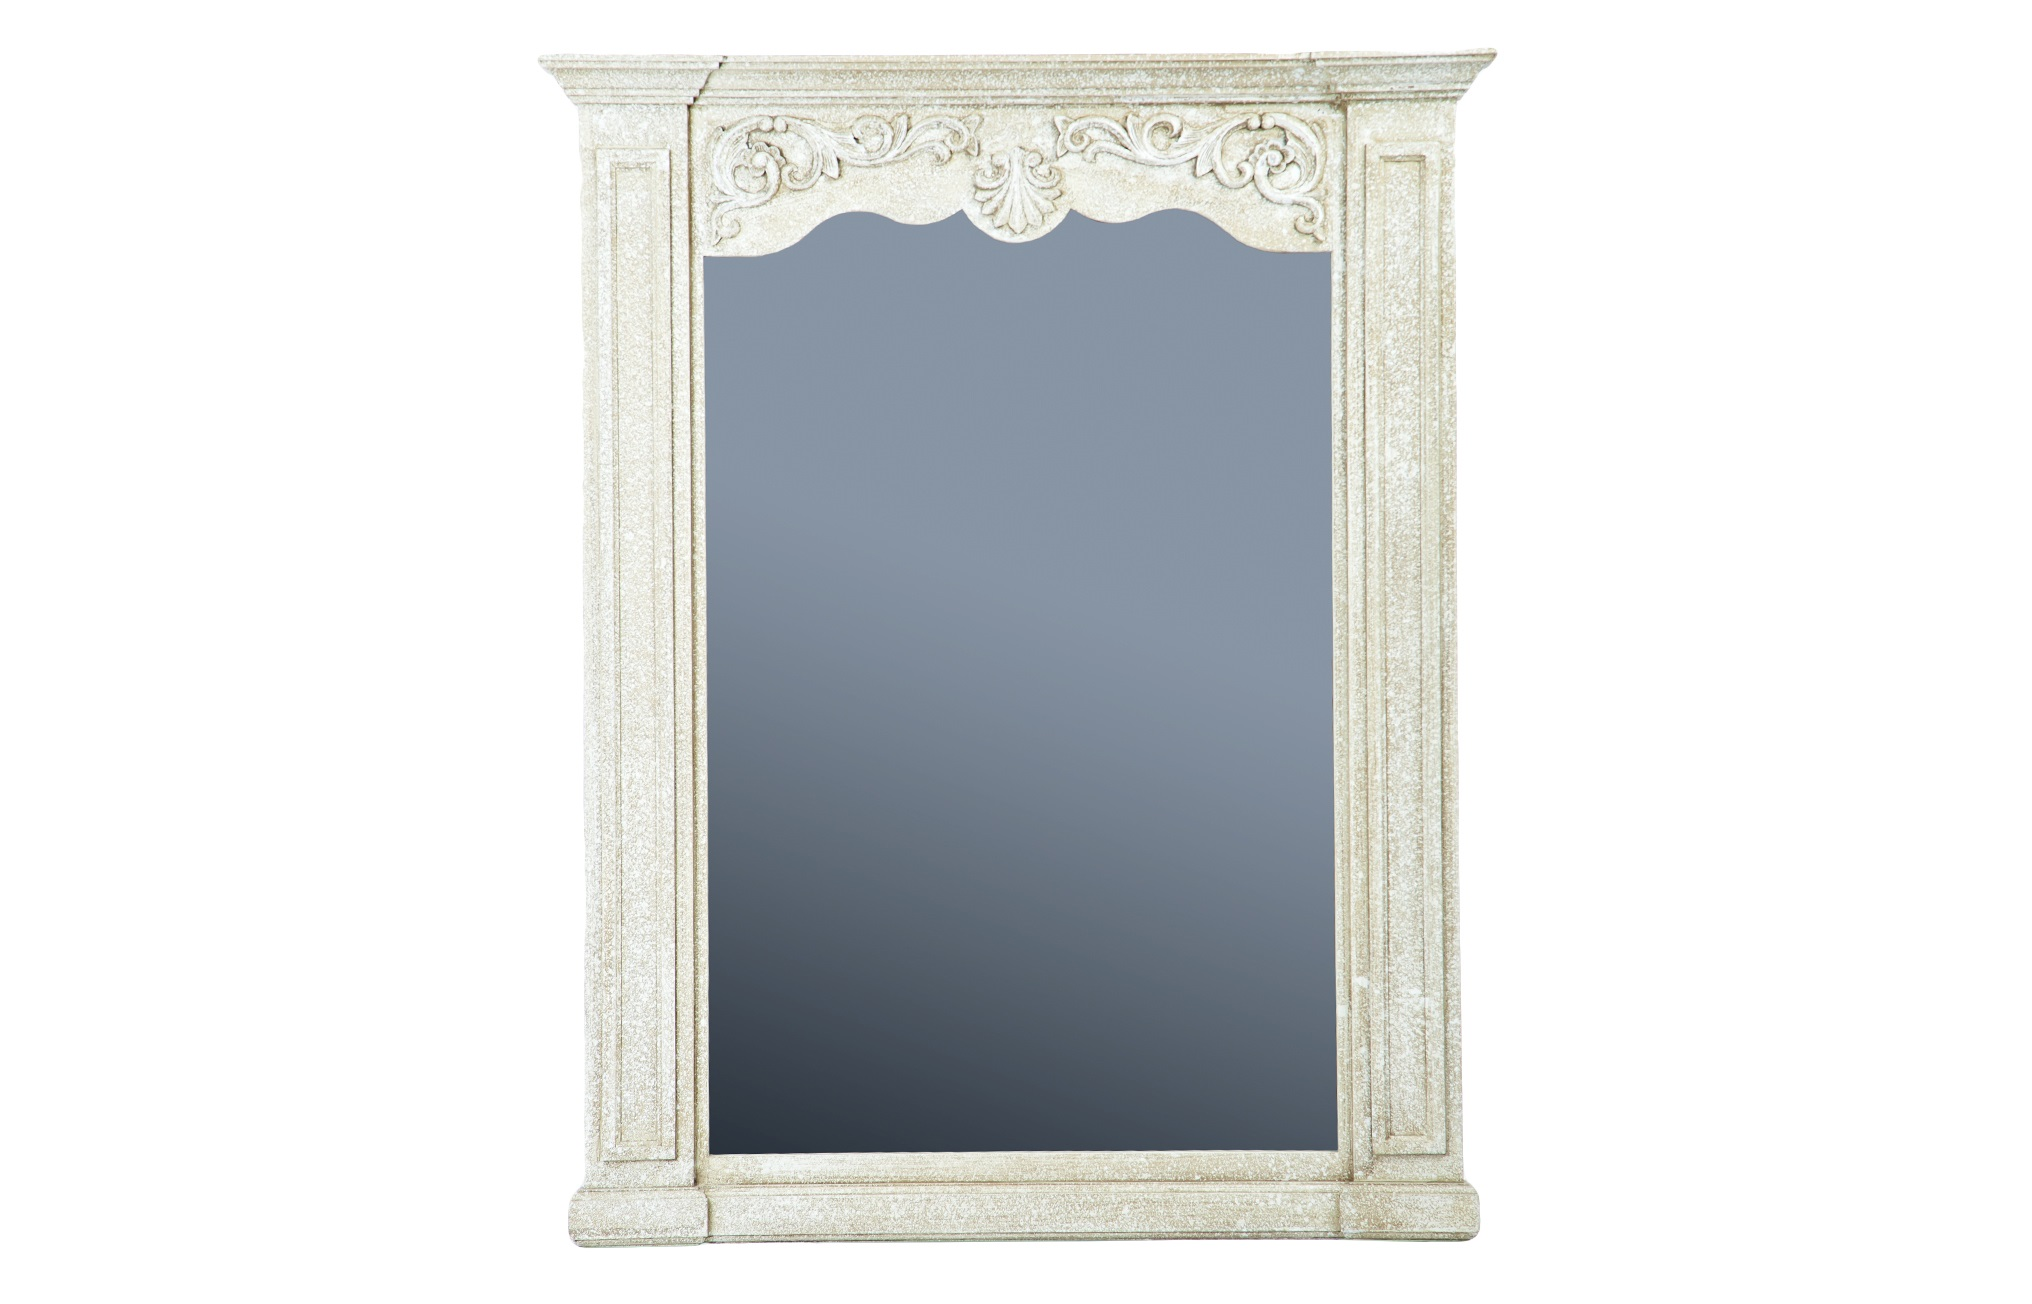 ЗеркалоНастенные зеркала<br>Зеркало в декорированной раме из дерева в классическом стиле, рама украшена патиной. Это винтажное зеркало украсит интерьер любой комнаты в стиле прованс или классика.<br><br>Material: Дерево<br>Ширина см: 133<br>Высота см: 165<br>Глубина см: 10